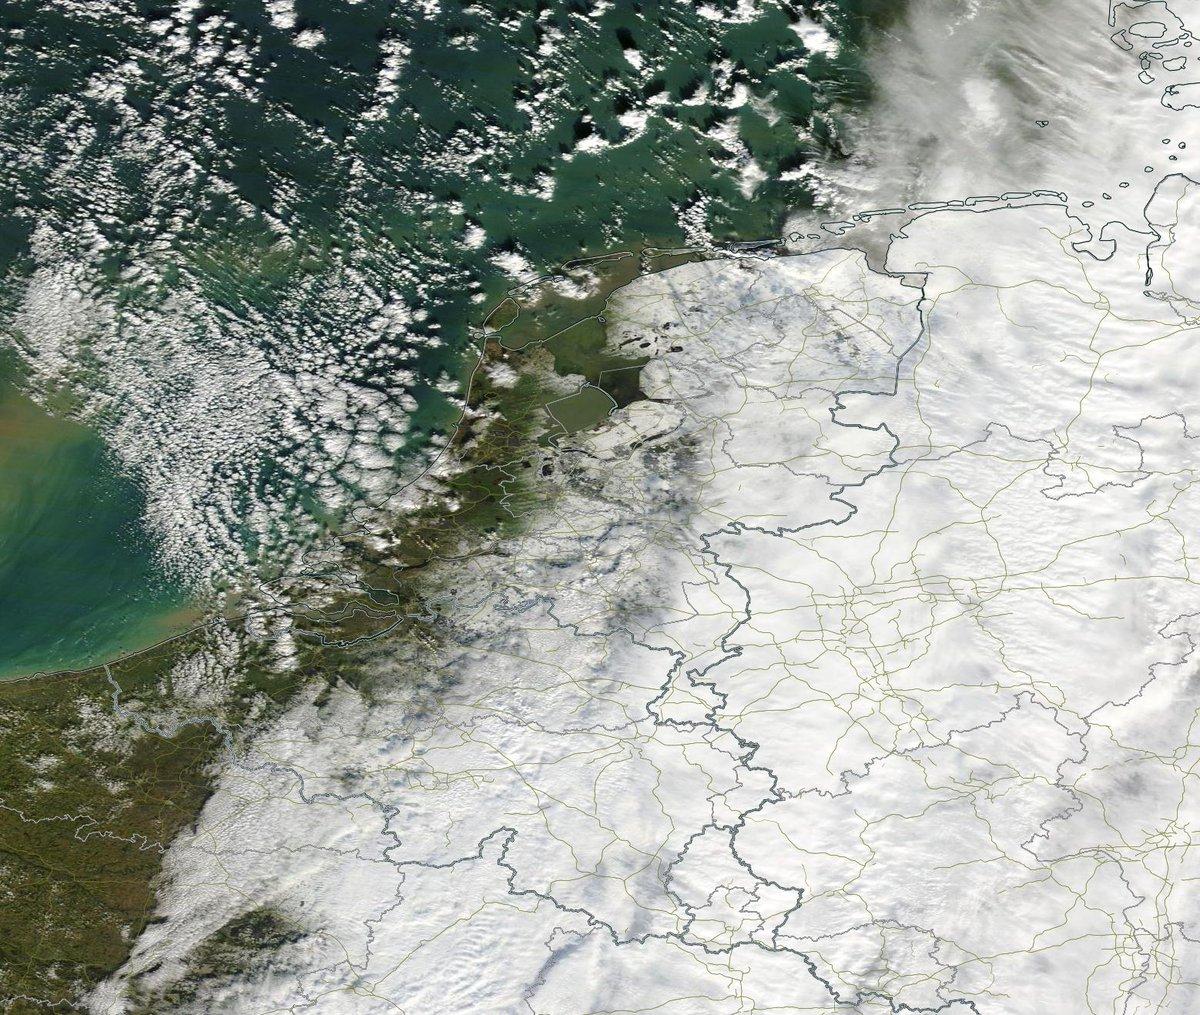 Een blik op ons land, vanuit de ruimte. Bron: NASA. Je ziet duidelijk waar wel en waar geen #sneeuw ligt.... http://t.co/vMVMMVQ9Lh